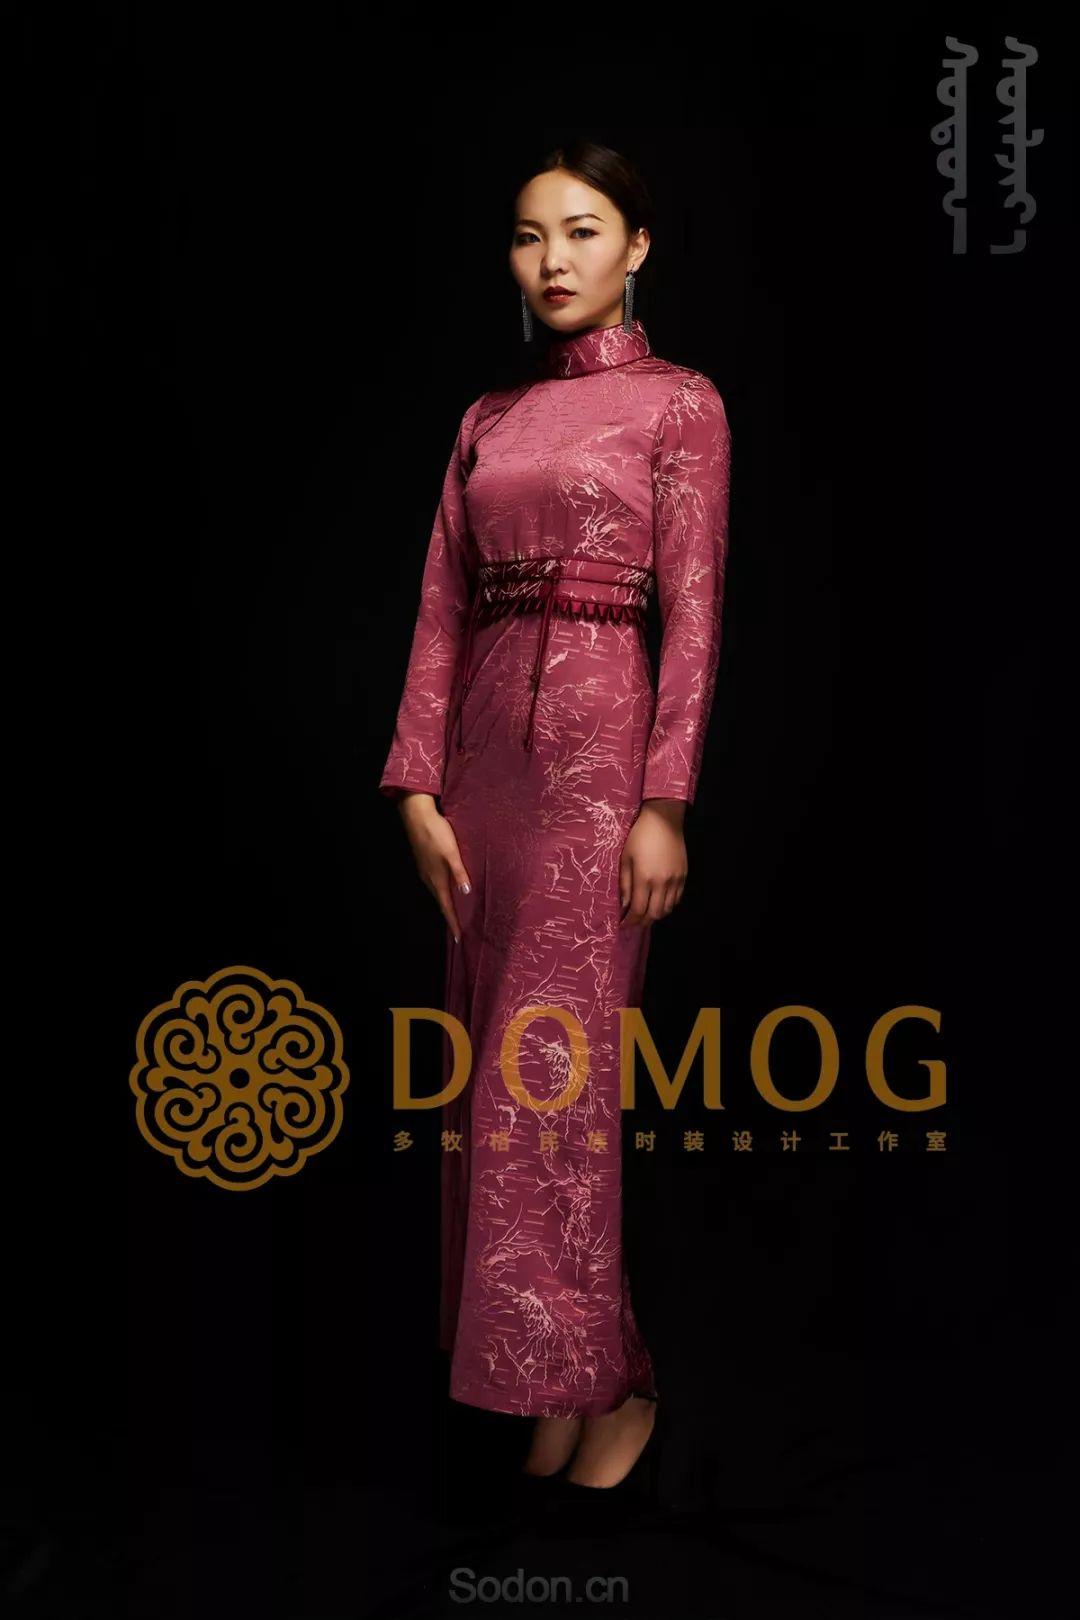 DOMOG蒙古时装绝美秋冬款系列,美出新高度! 第16张